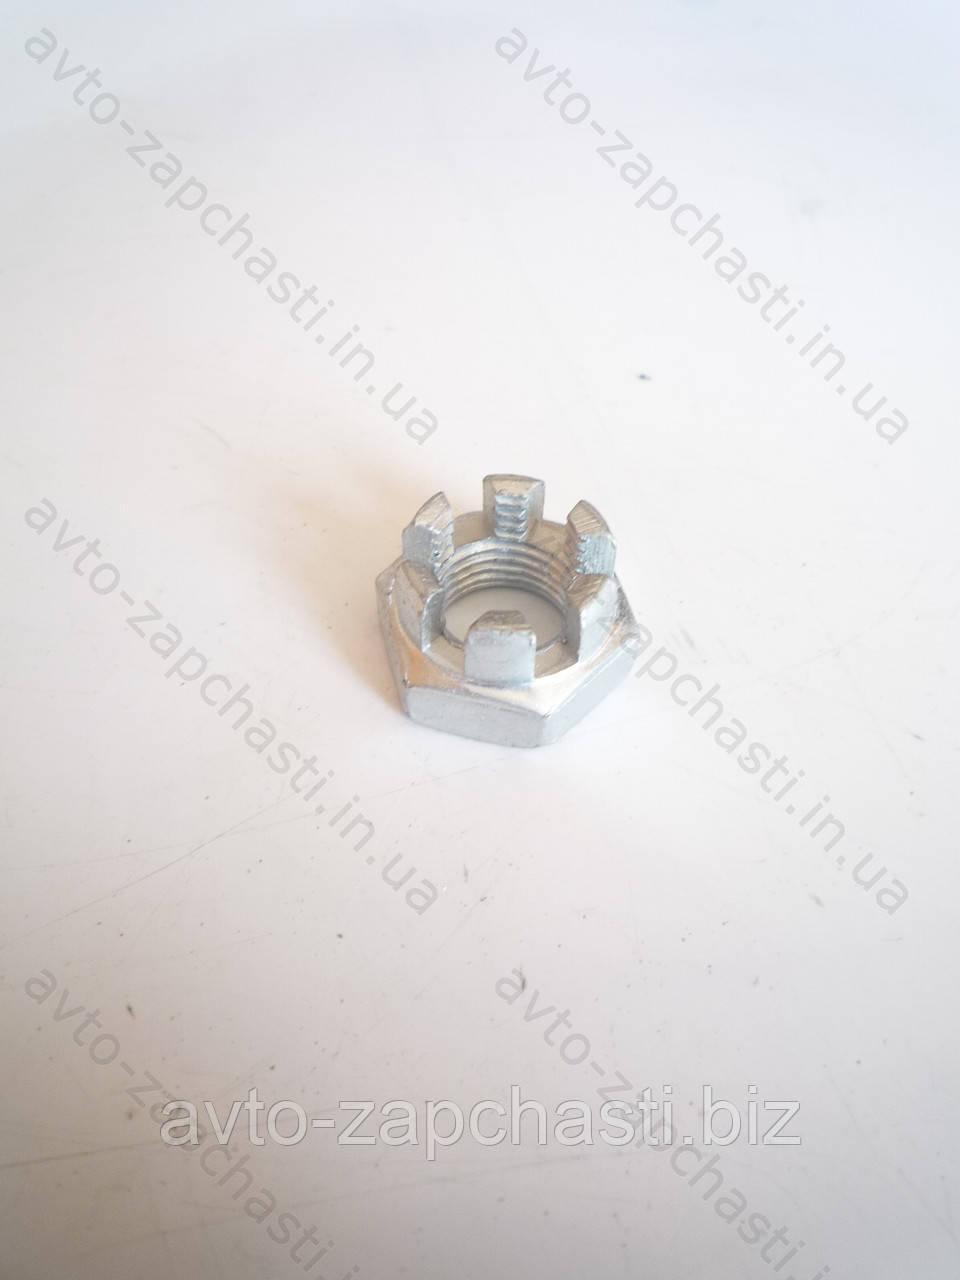 Гайка 12 рулевых тяг ВАЗ 2108-15 коронка (20 шт) (пакет) (F 3414078)